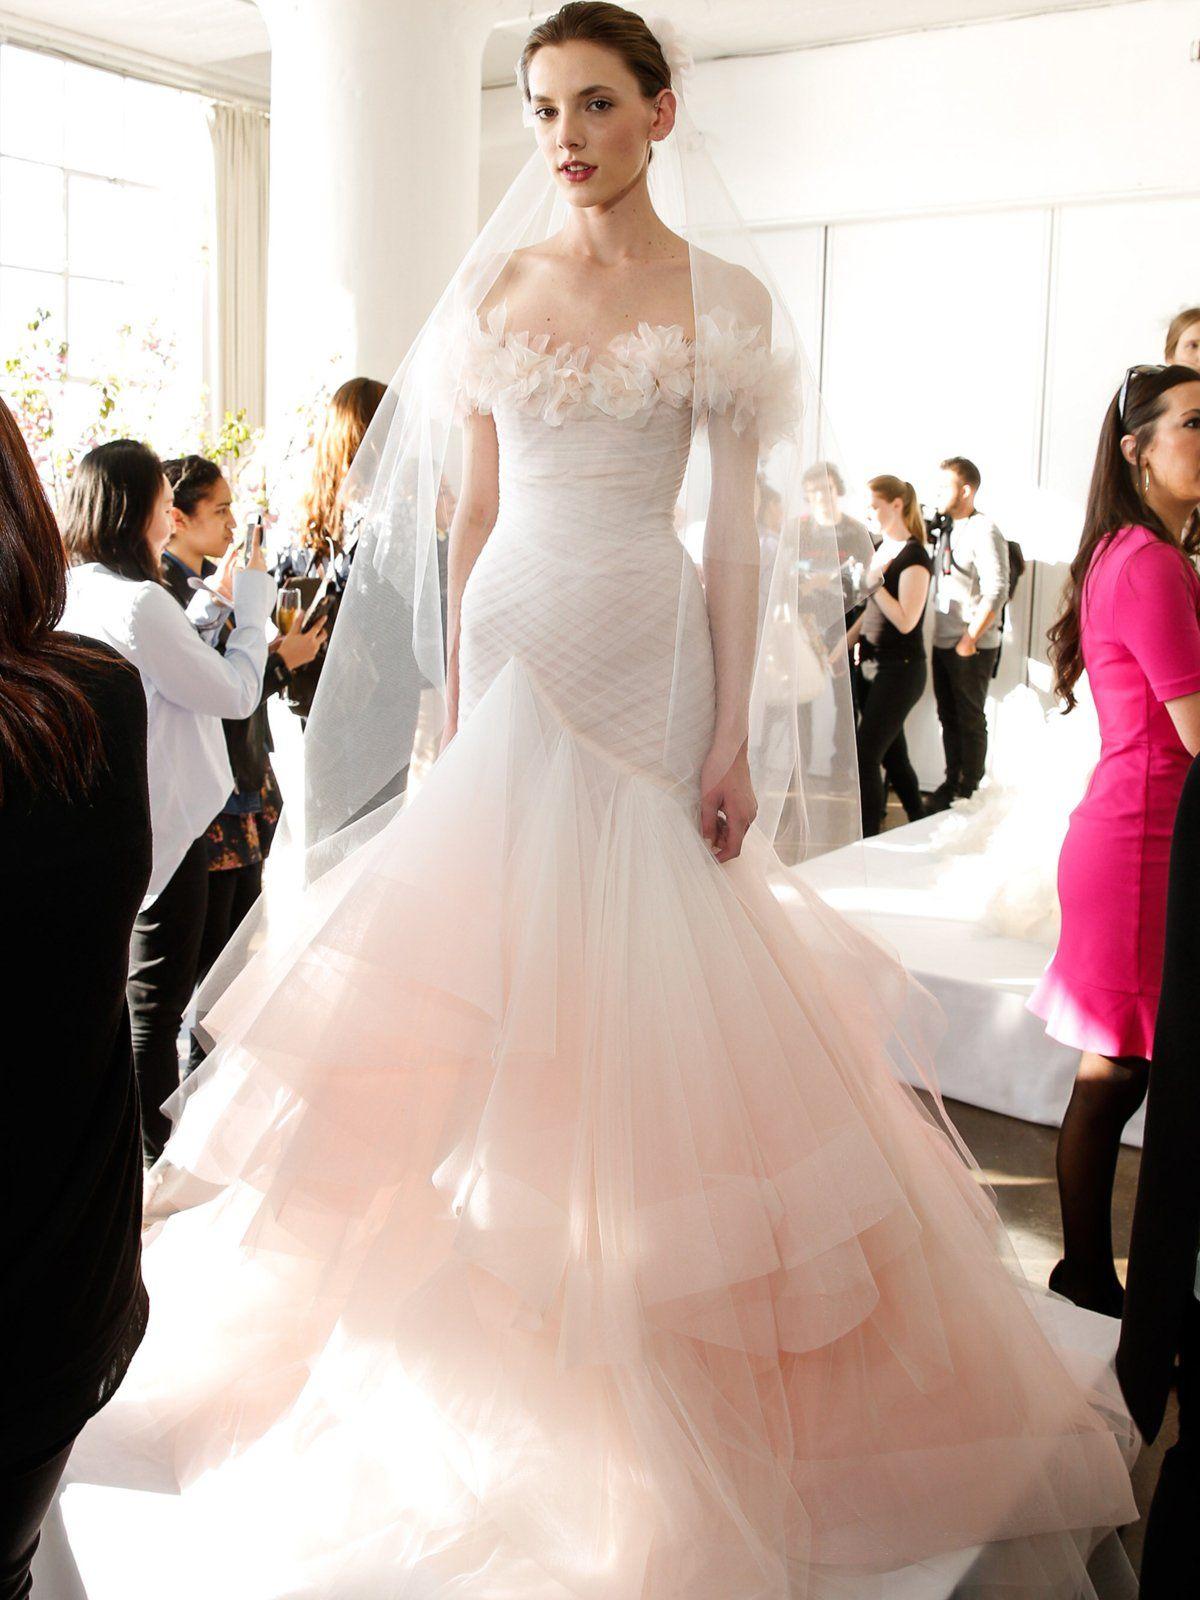 Unkonventionelle Brautkleider | Pinterest | Brautkleid, Farbverlauf ...